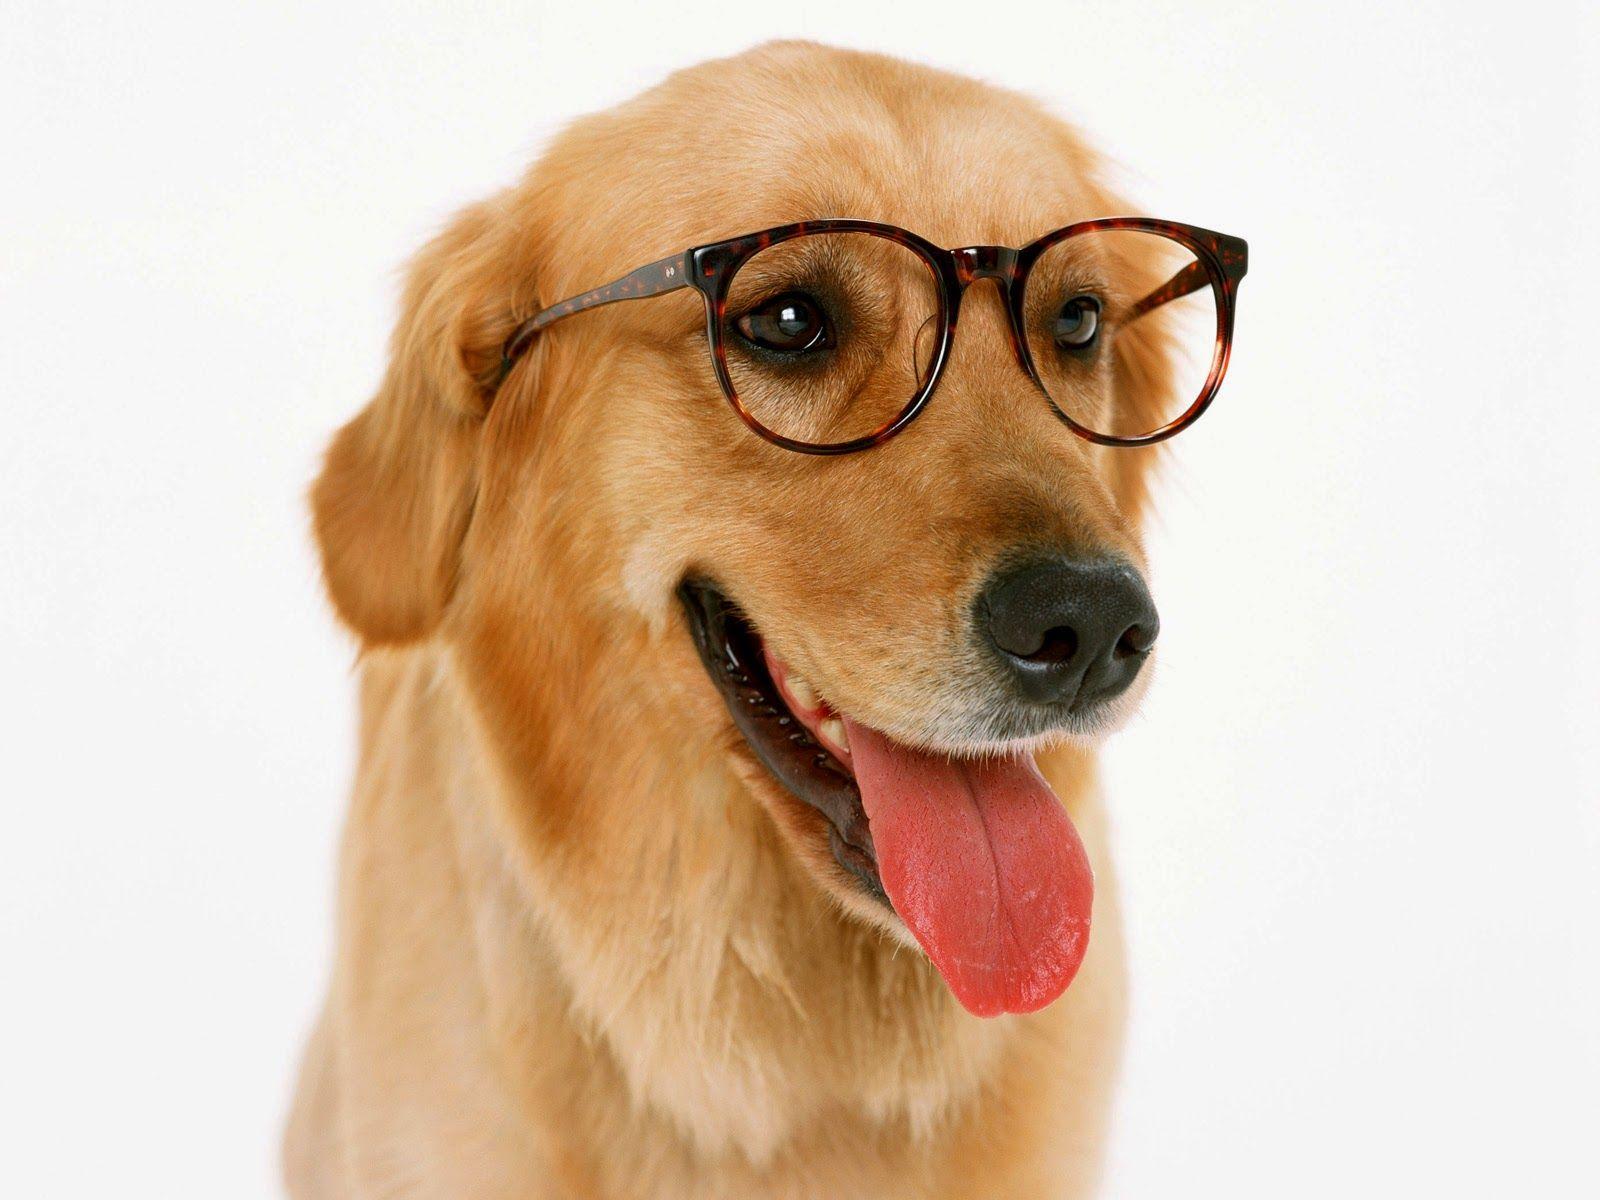 odio a las perras que usan armazones de lentes sin aumento para pegarle al hipster